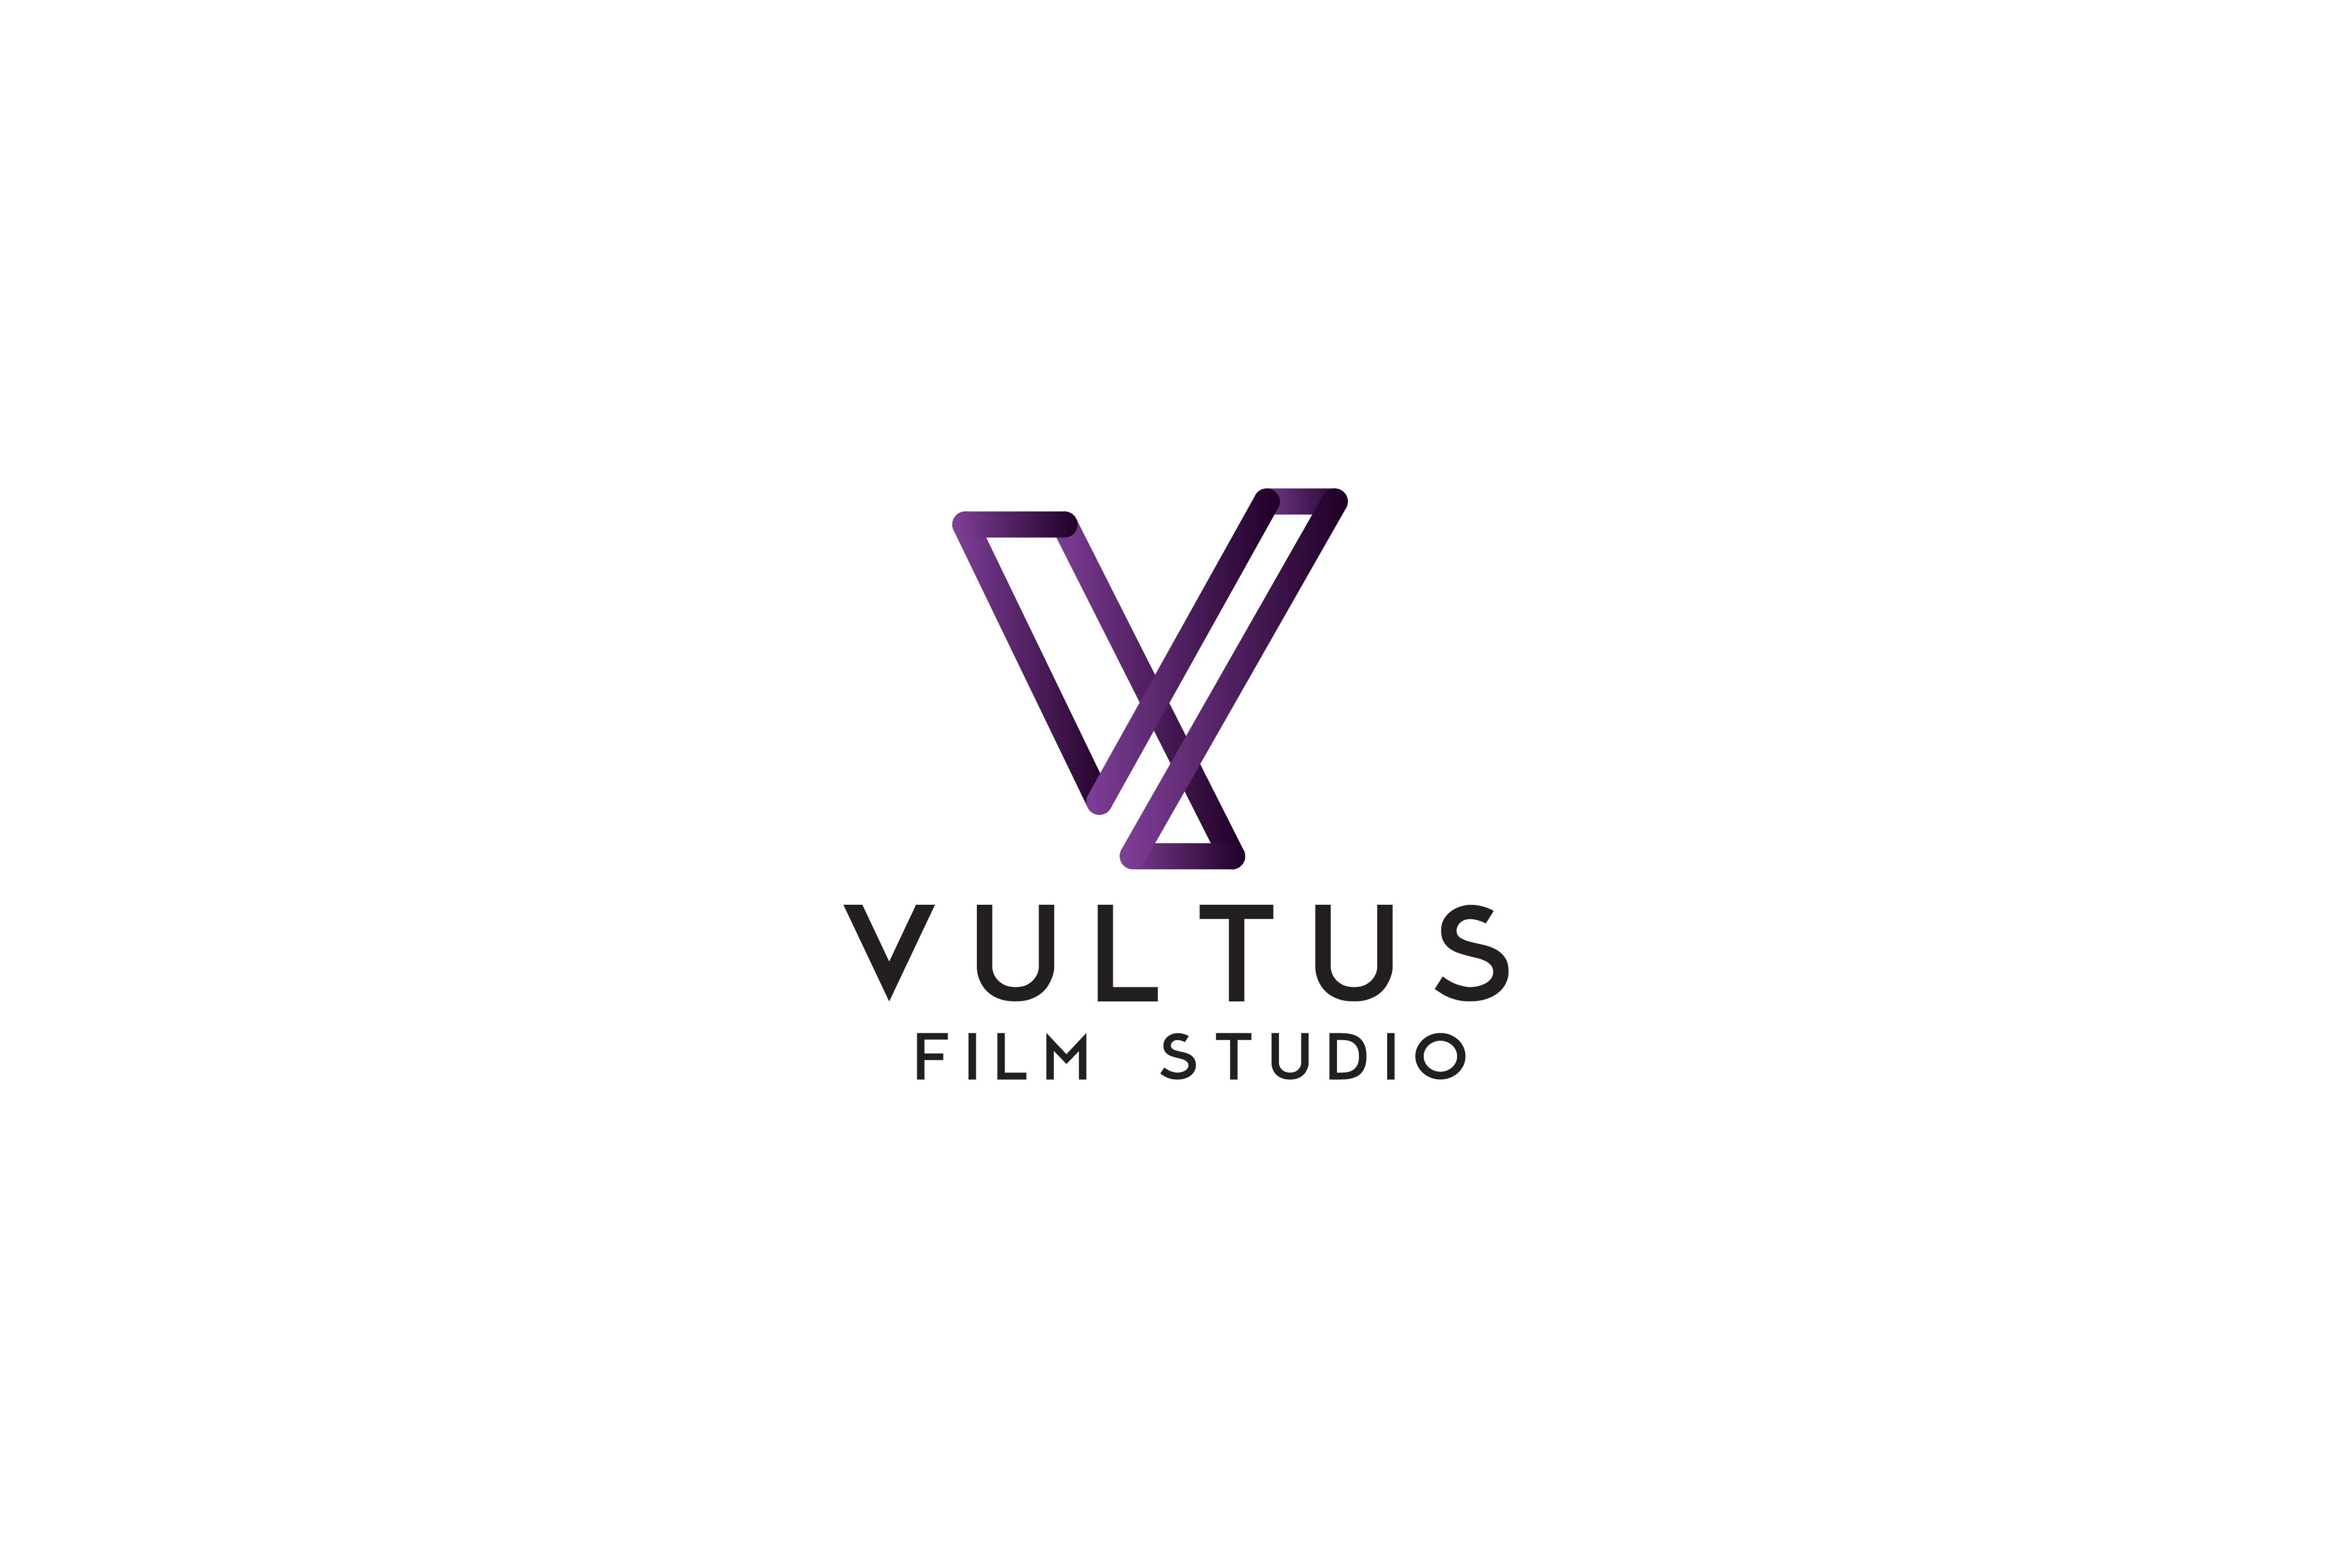 Vultus Film Studio